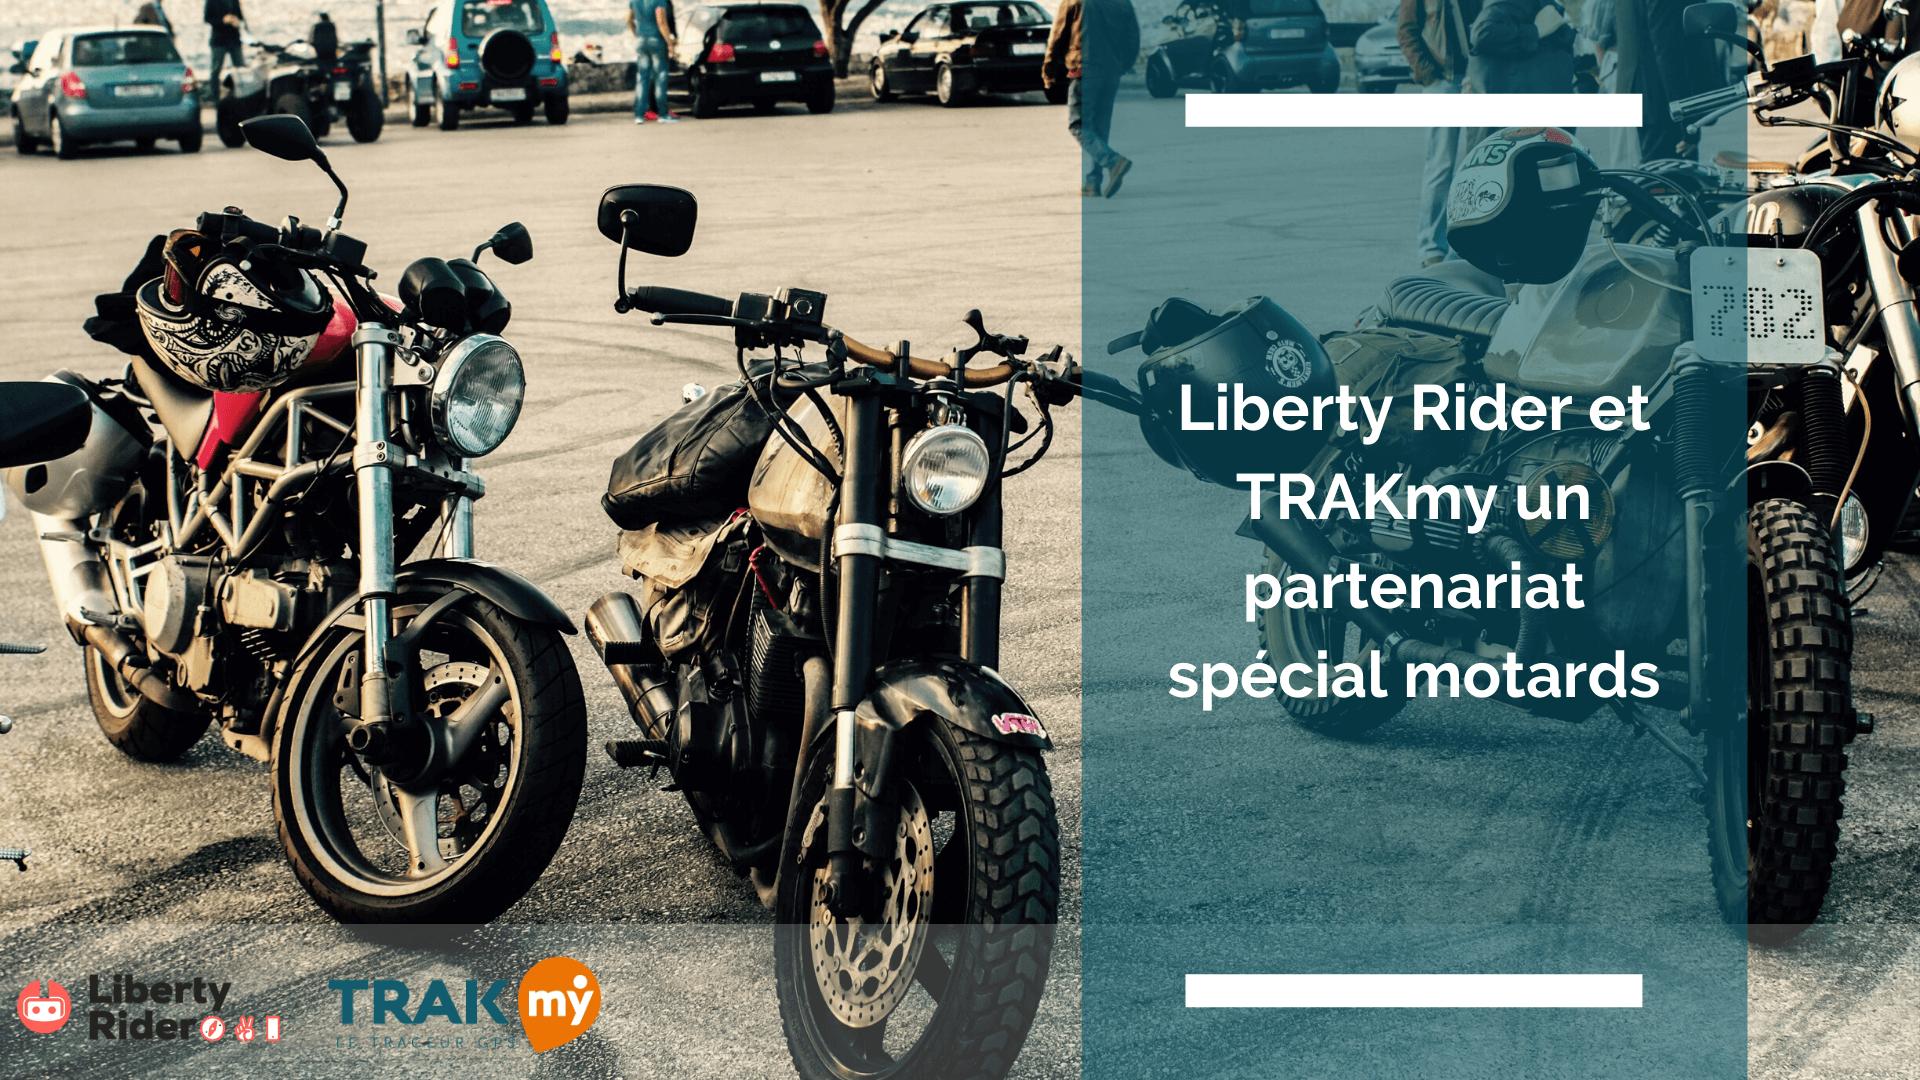 Liberty Rider s'associe à TRAkmy pour sécuriser les motards et leurs motos